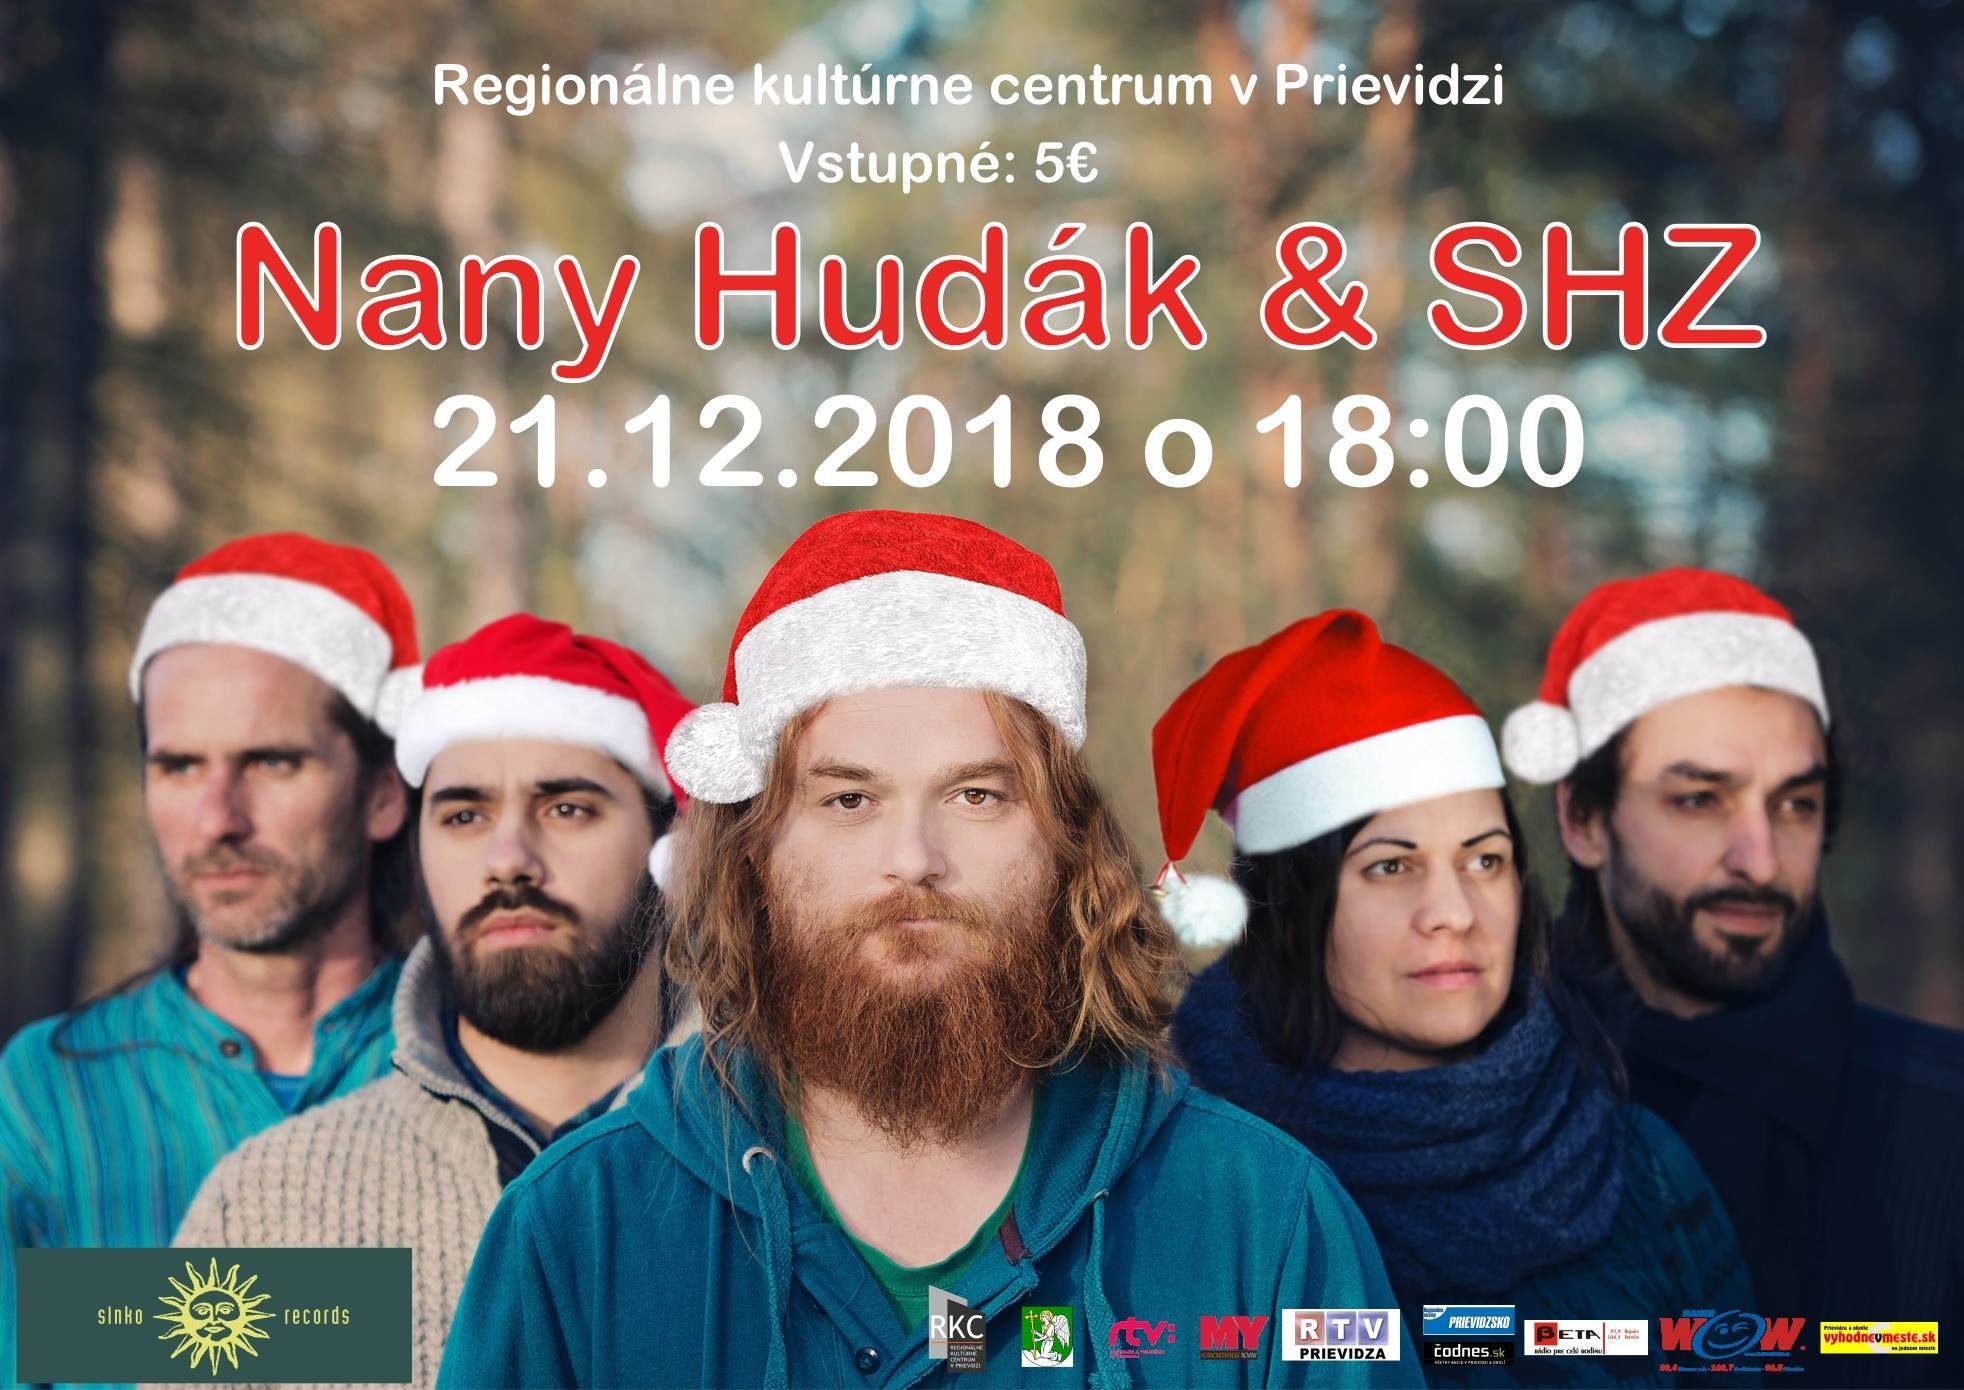 Koncert Nany Hudák & SHZ